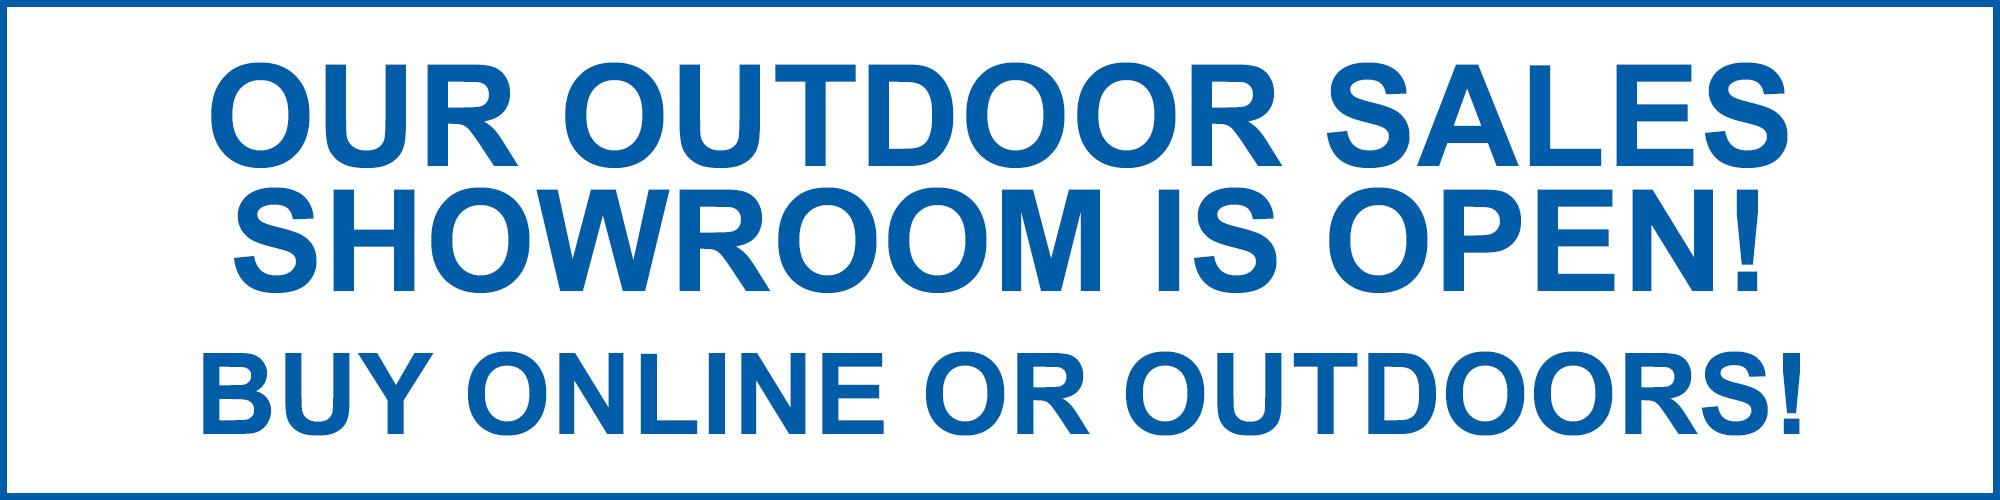 Our outdoor showroom is open.  Buy outdoors or online